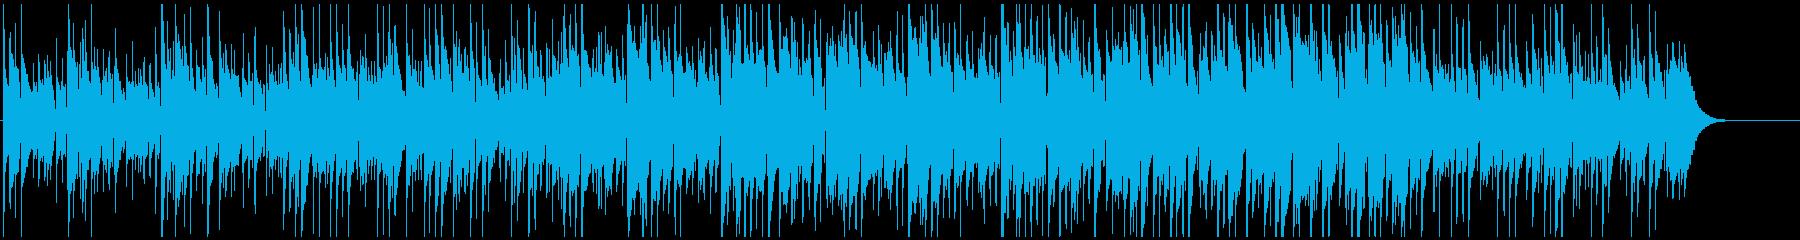 CMや映像に ウクレレのんびりポップの再生済みの波形